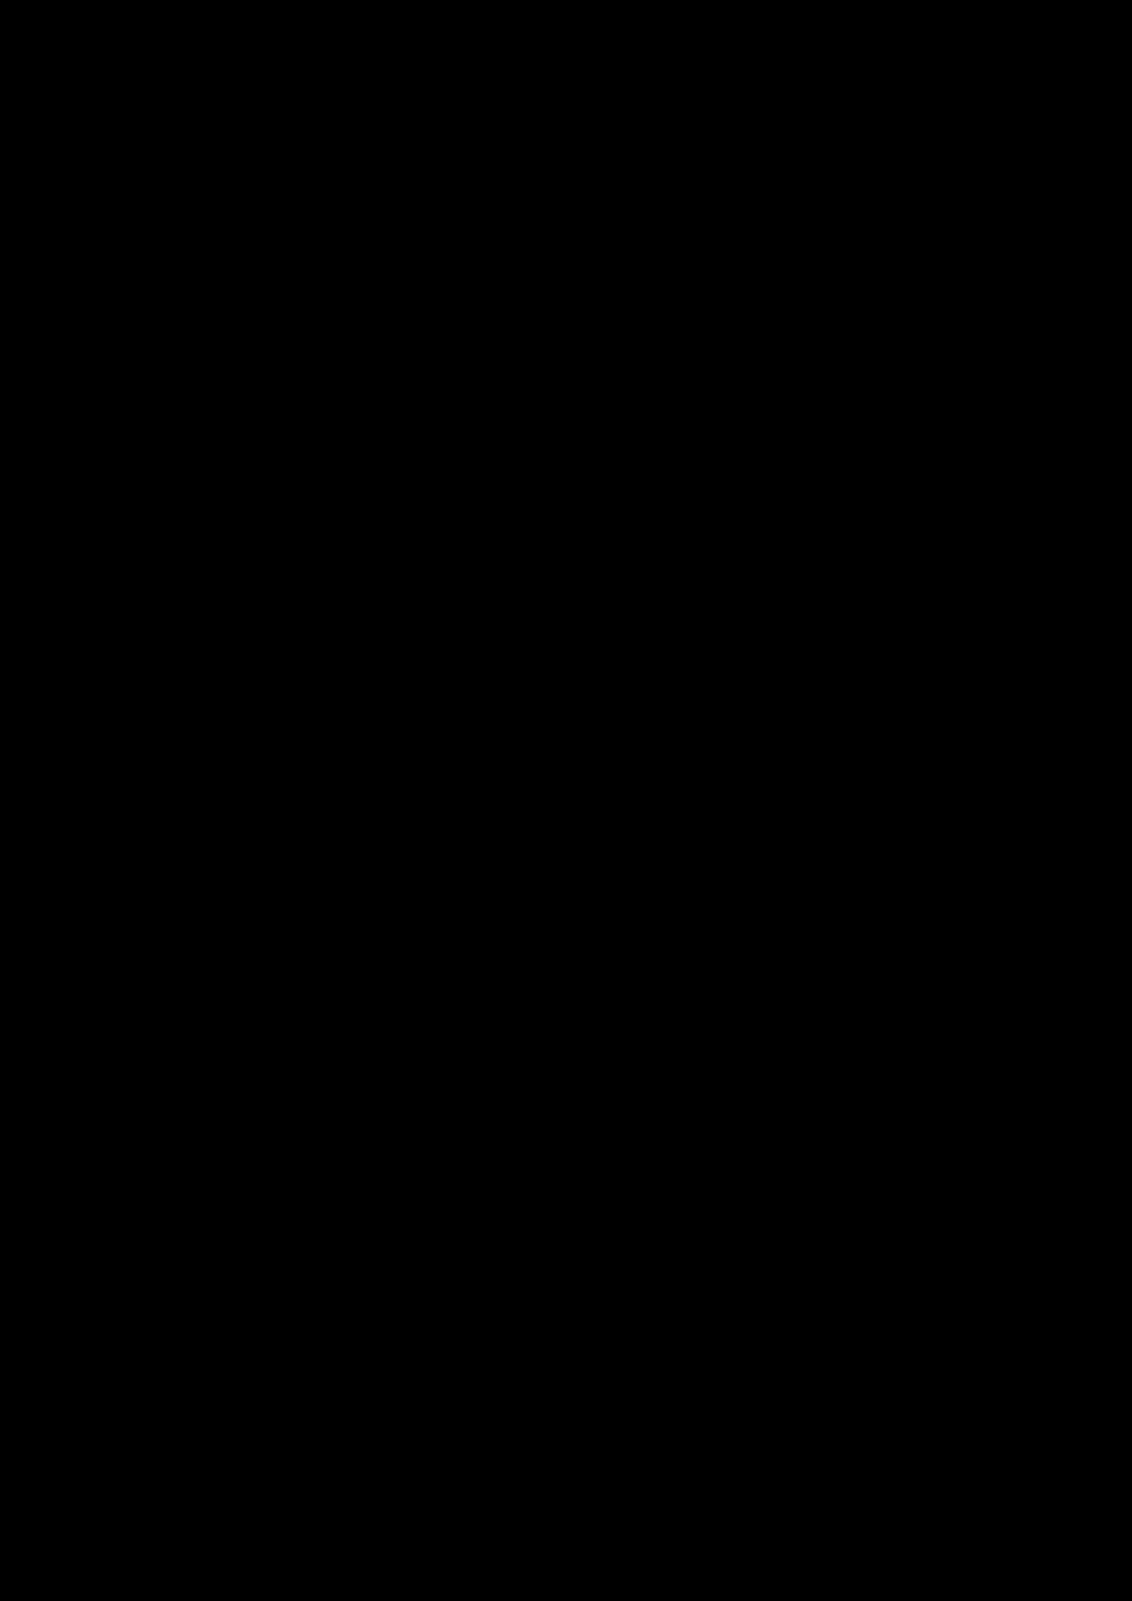 Zagadka volshebnoy stranyi slide, Image 178